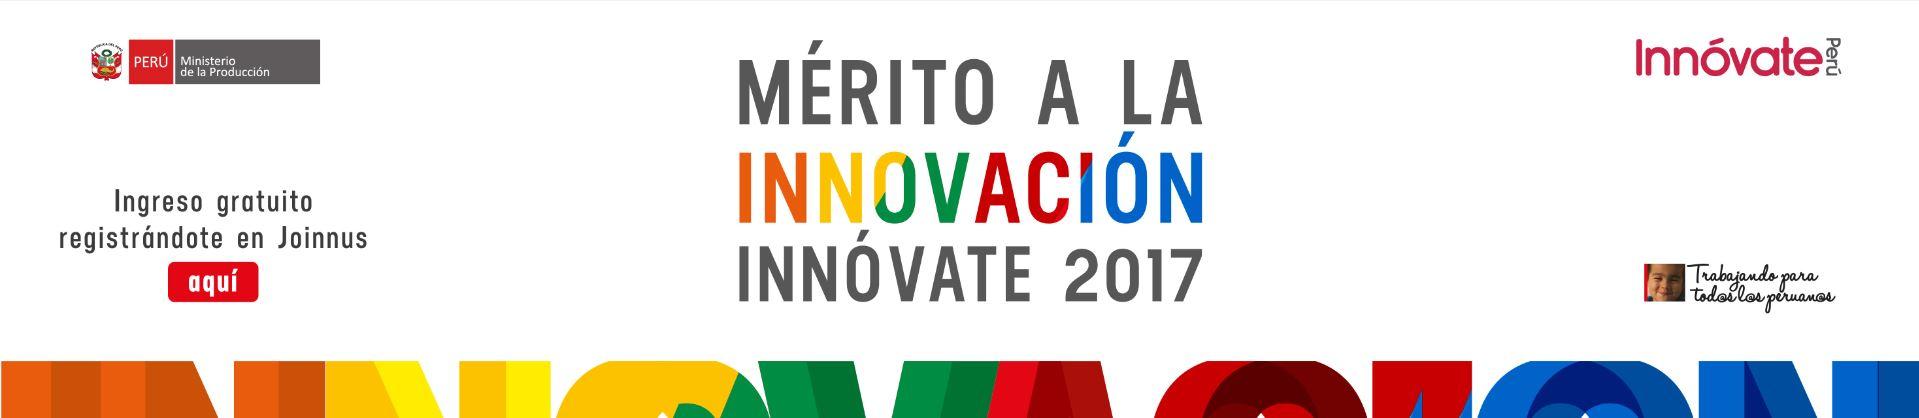 Merito a la innovacion